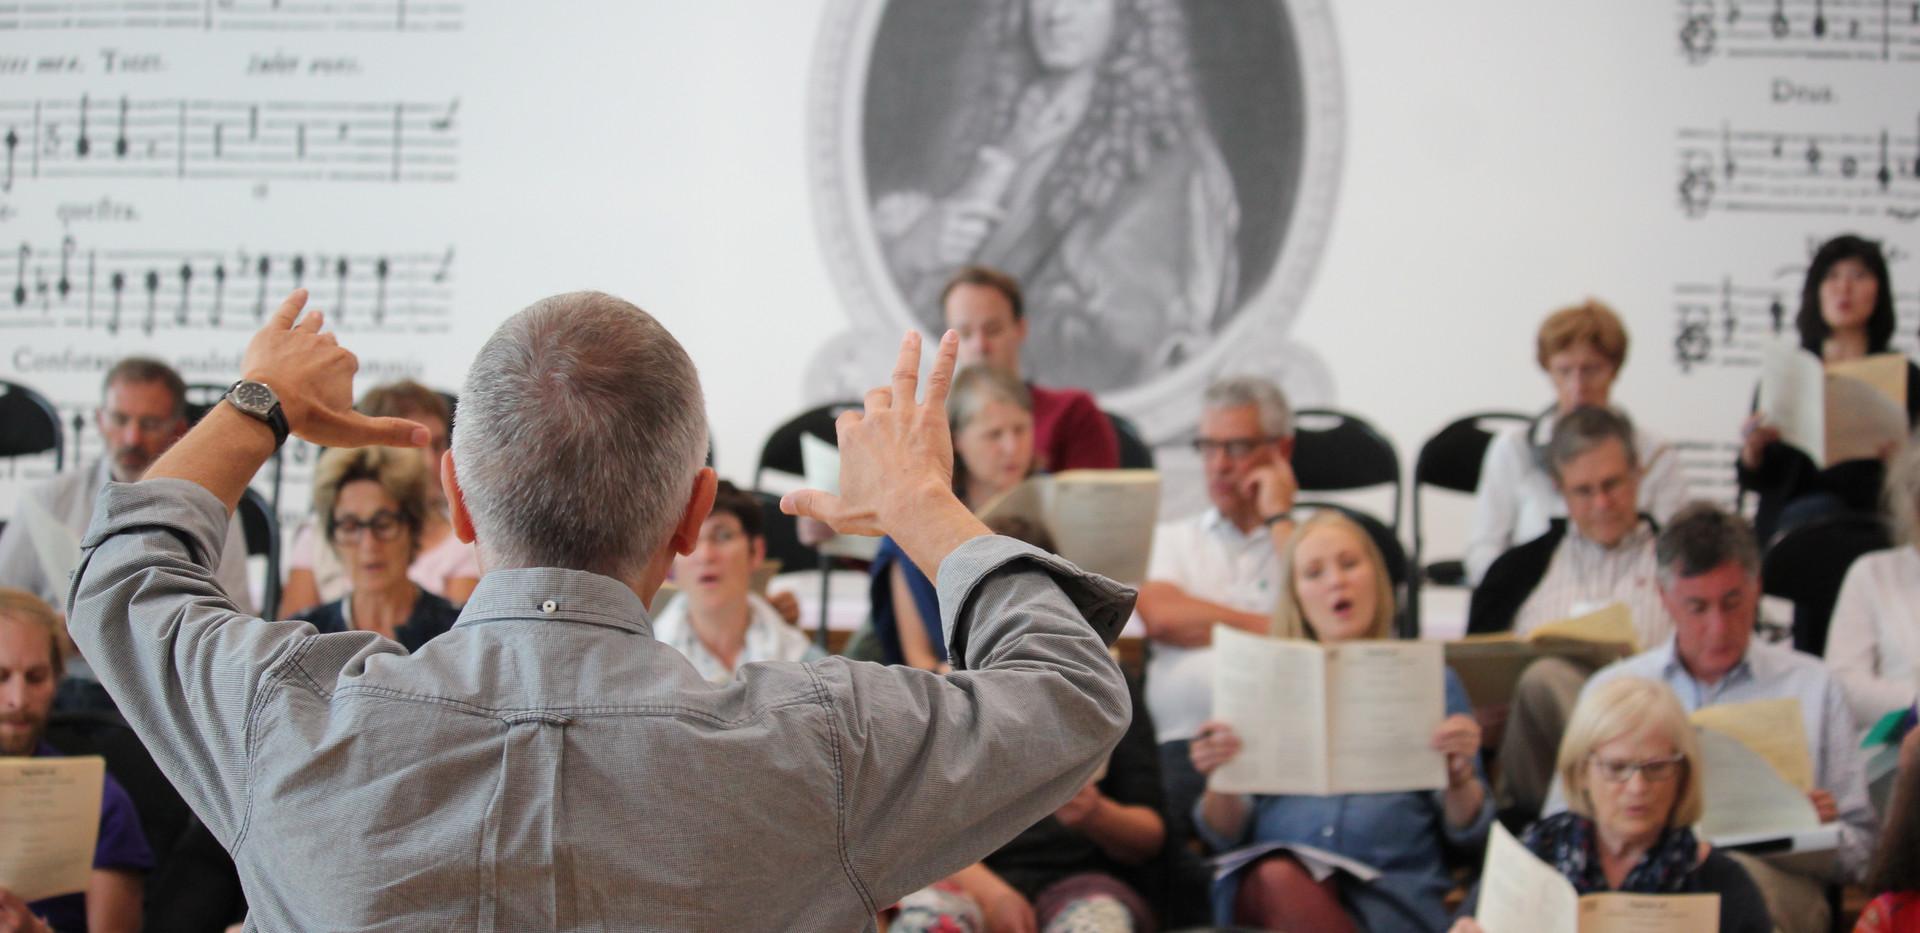 Découverte de répertoire - Congrès Puteaux 2018